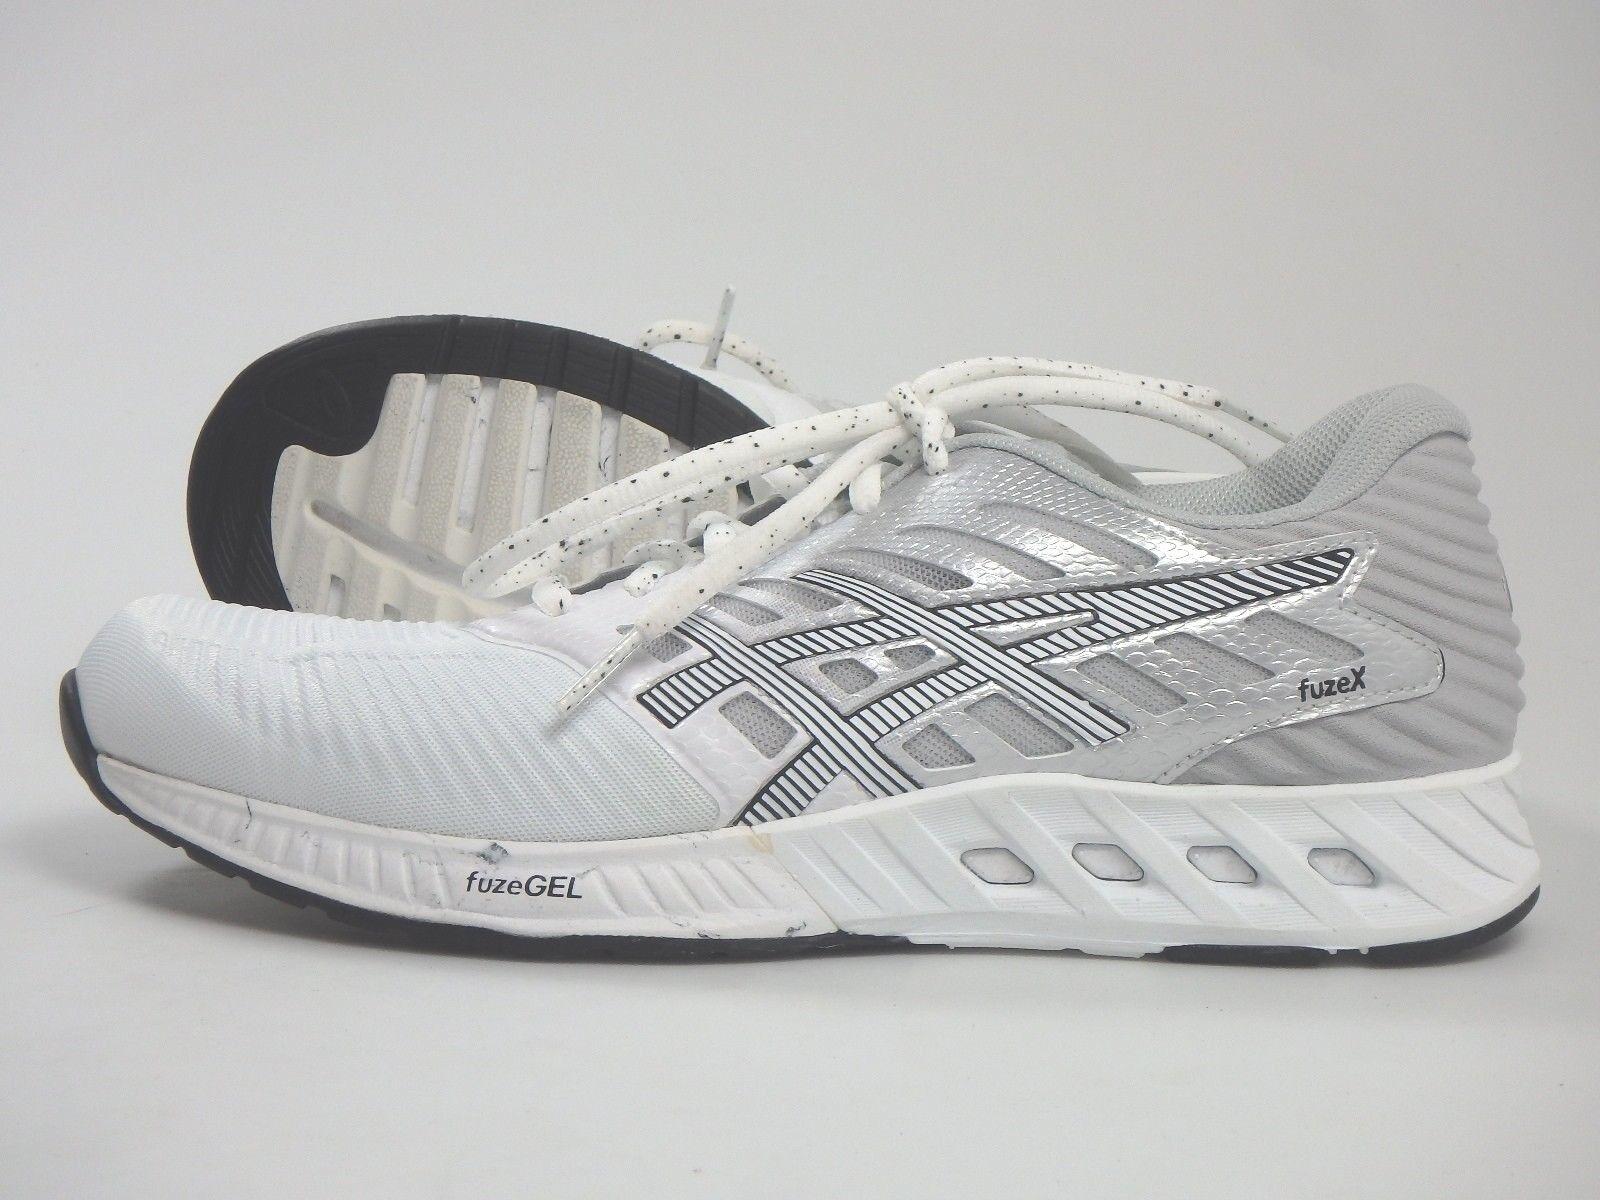 Asics  26742 FuzeX Laufen Jogging Laufschuhe Running Running Running Damen Schuhe 40,5 Weiß 98f911